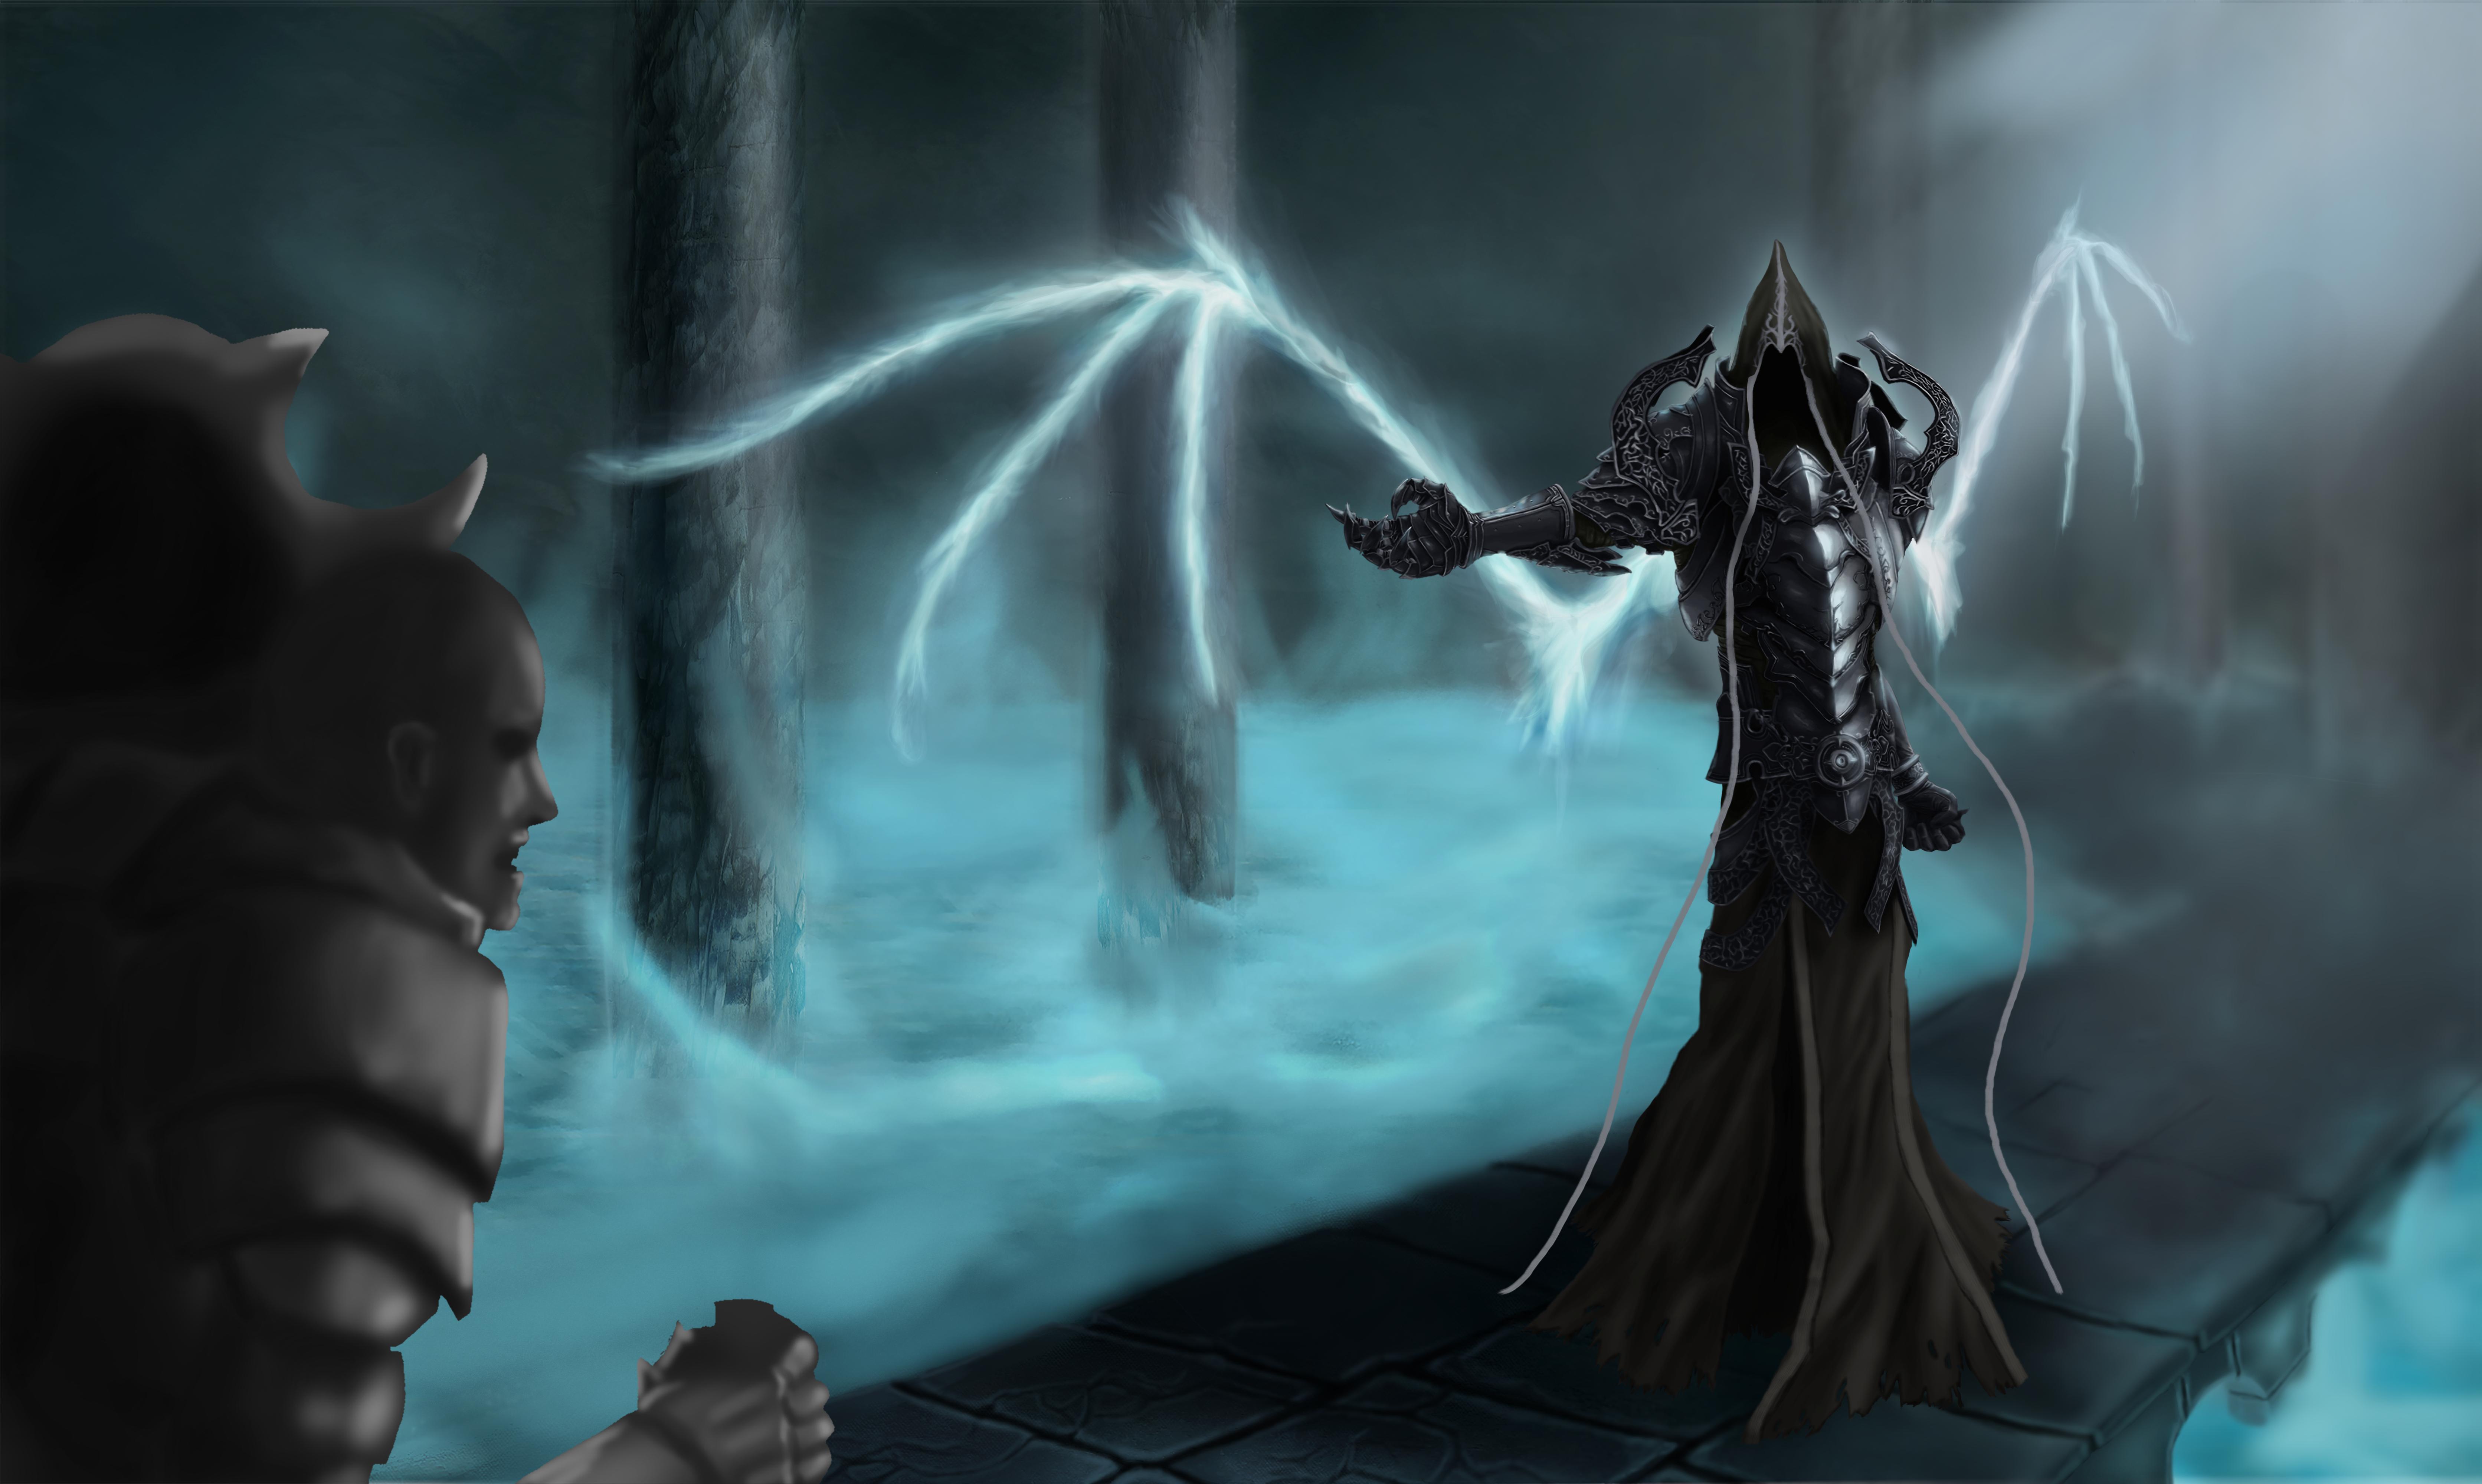 WiP - Diablo 3 Reaper of Souls Contest by Yveo